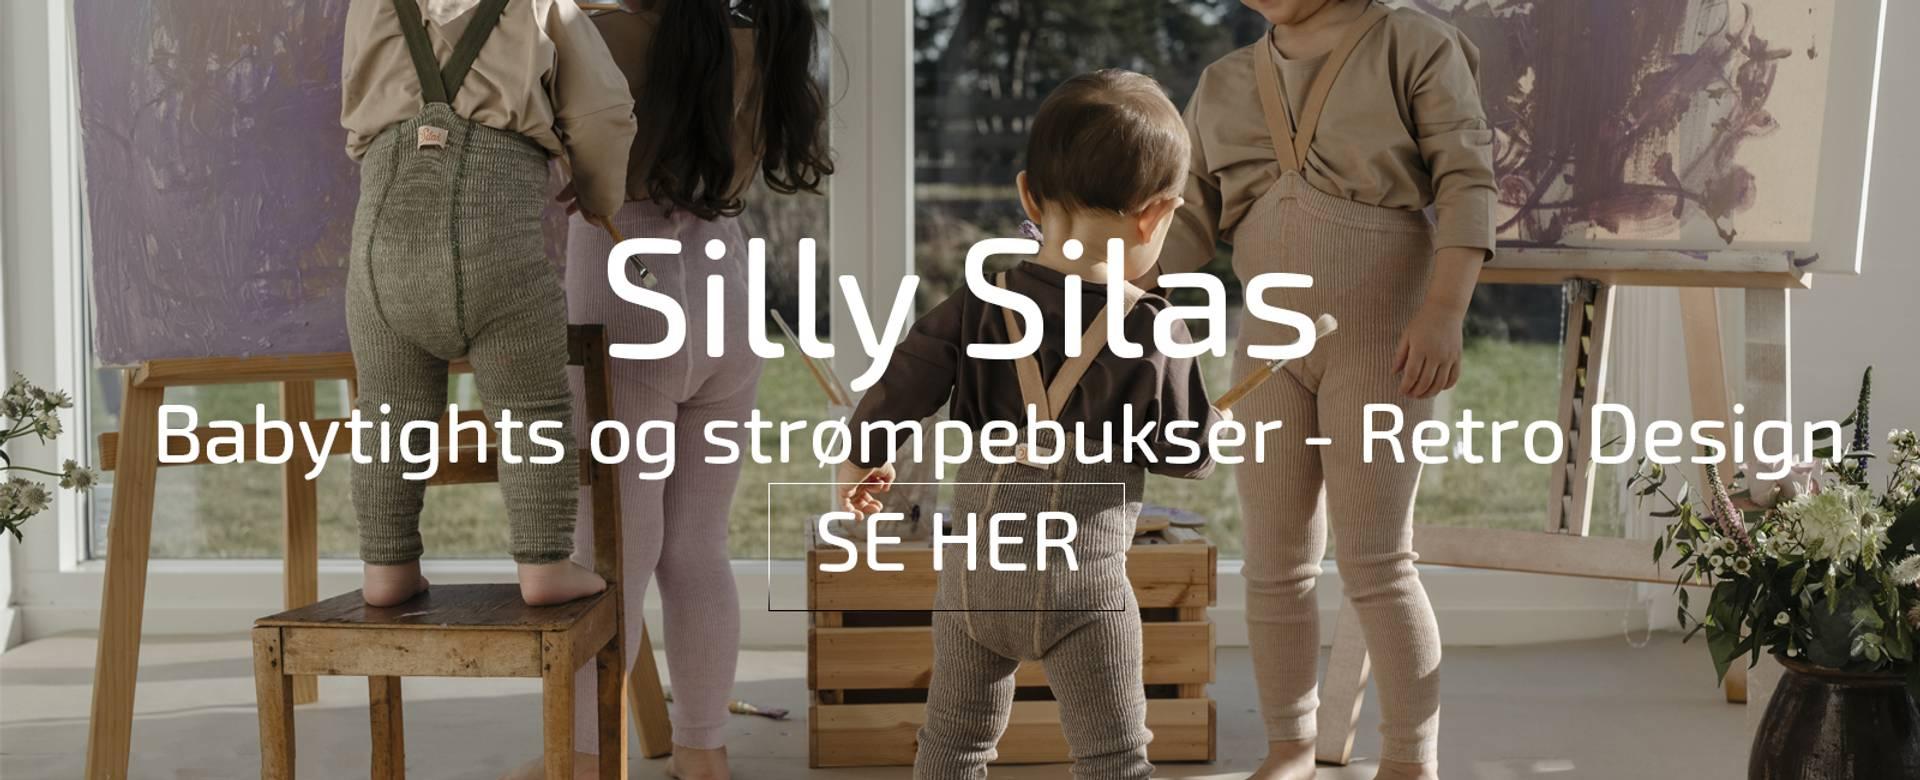 silly silas strømpebukser  babytights rib med sele baby nyfødt